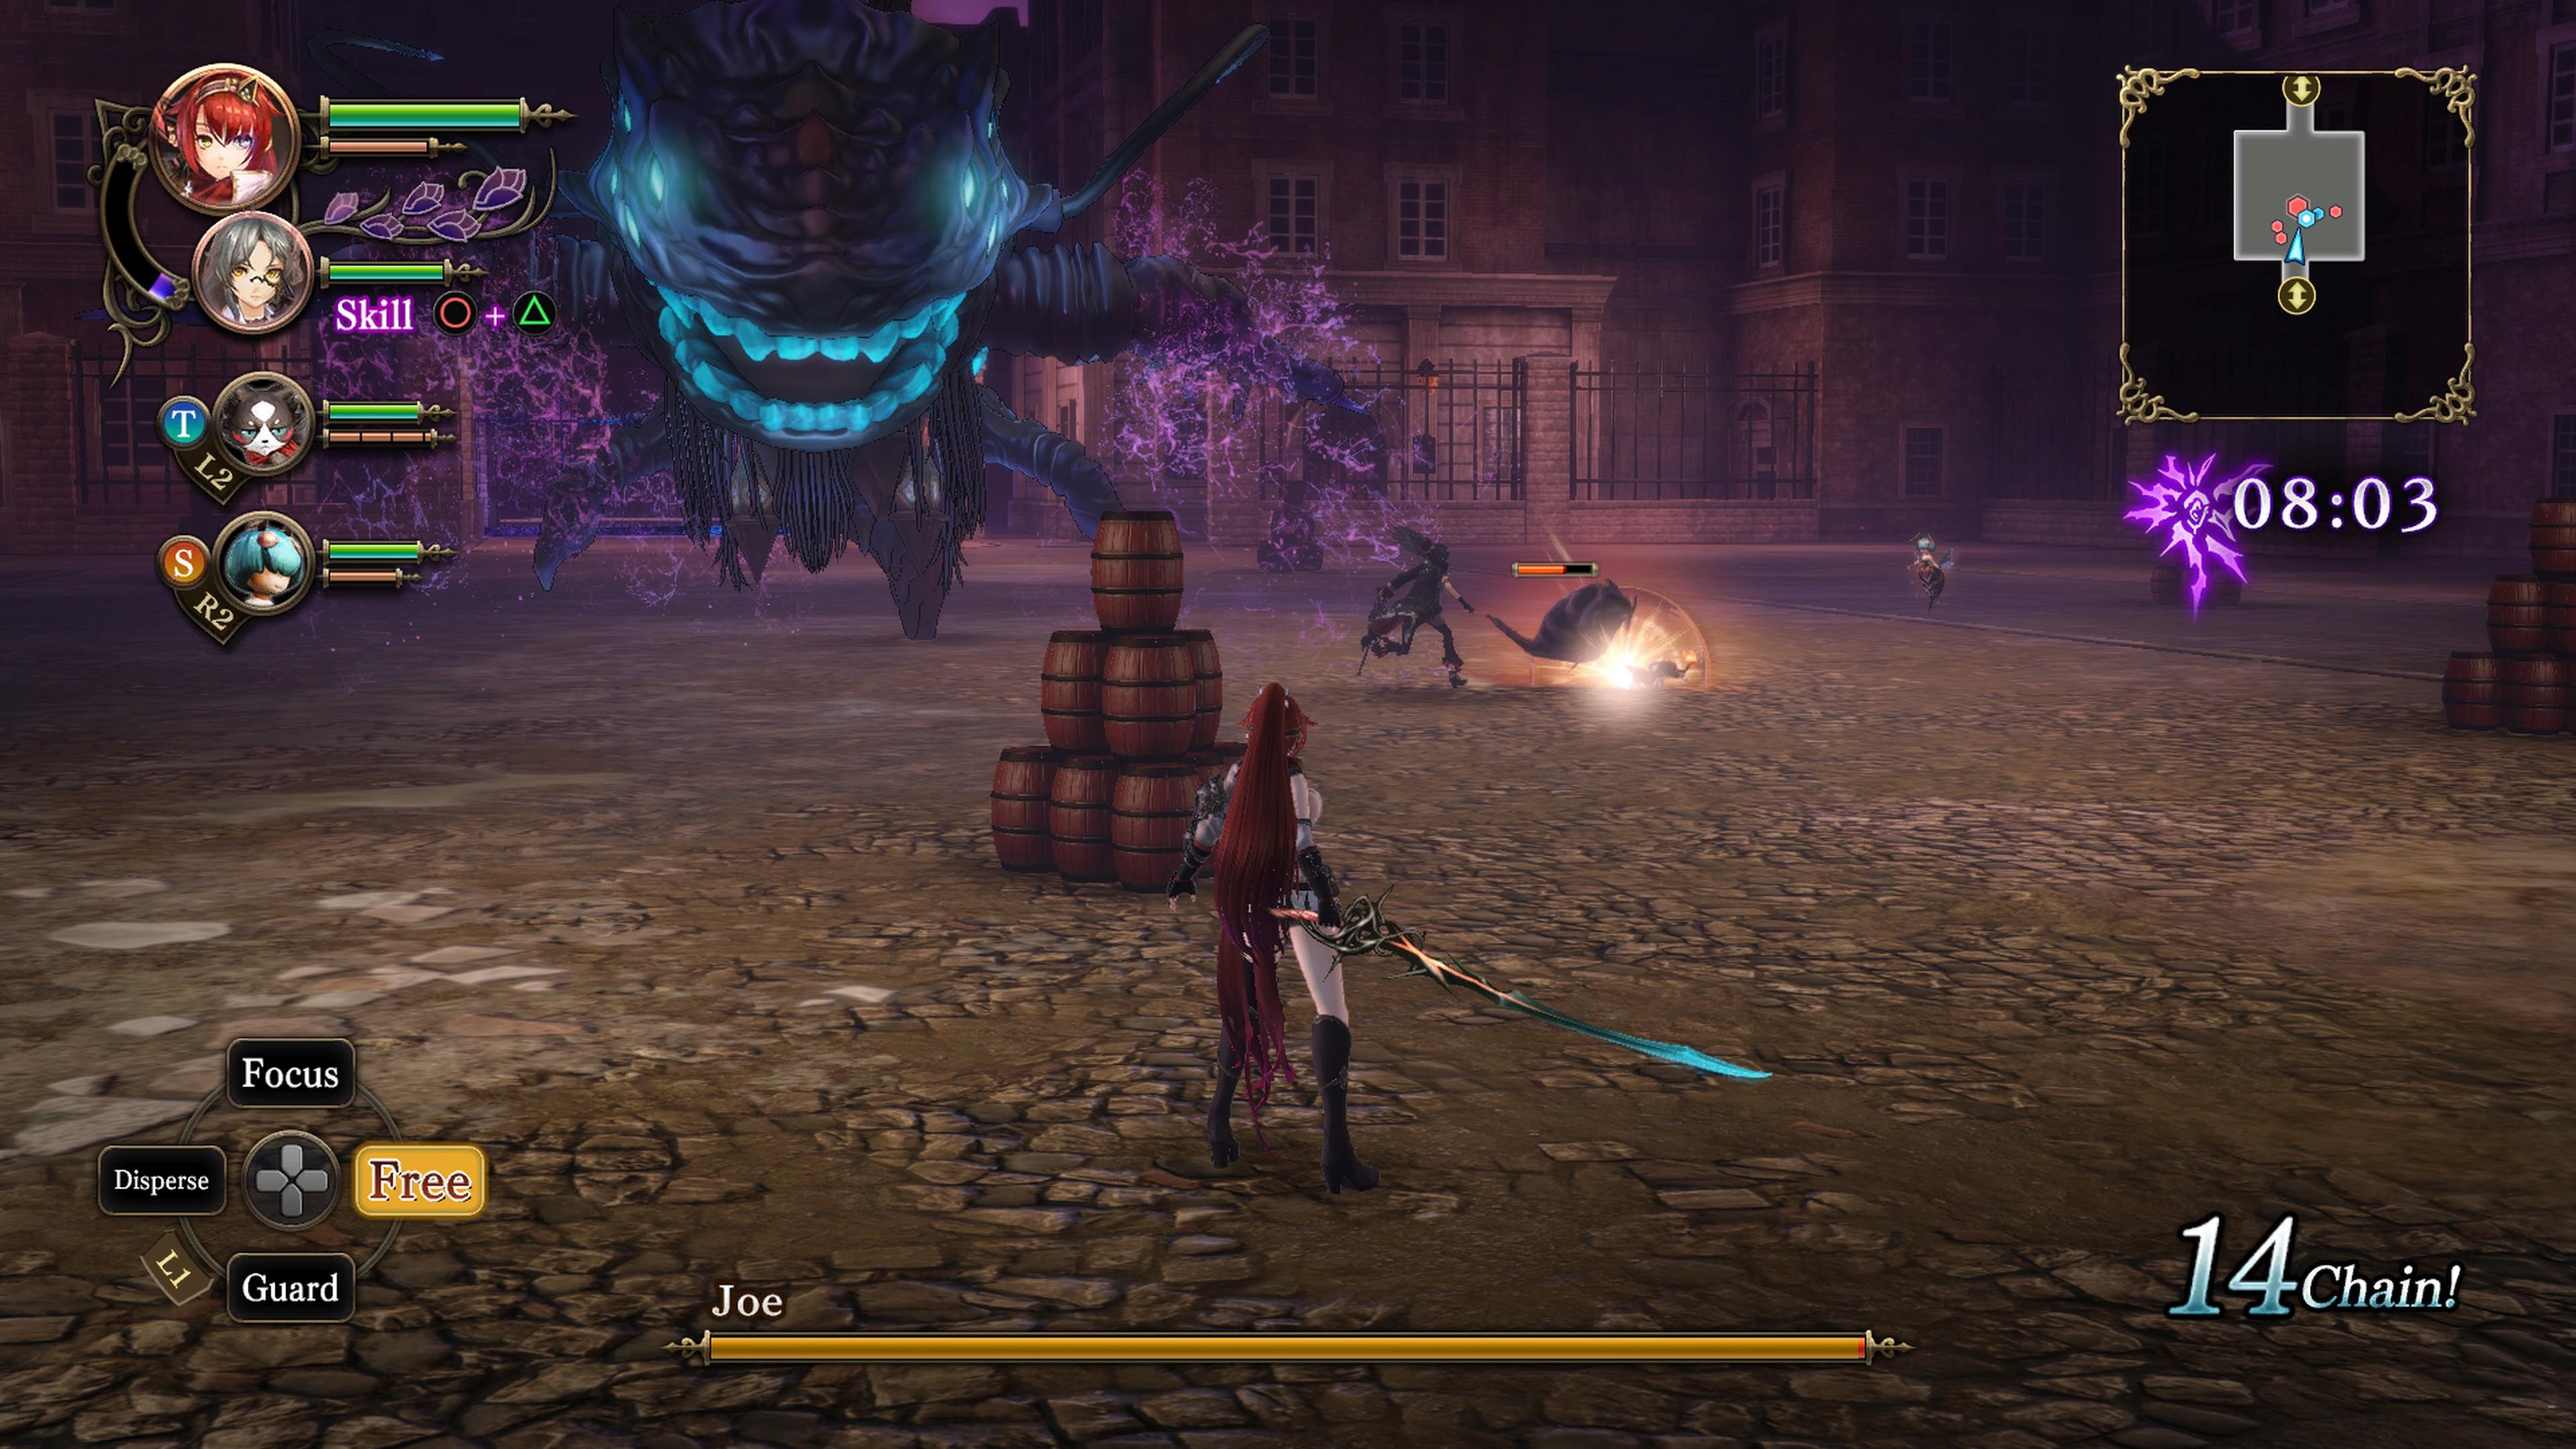 Detaily bojového sytému Nights of Azure 2 a bonusy po vydání 149850